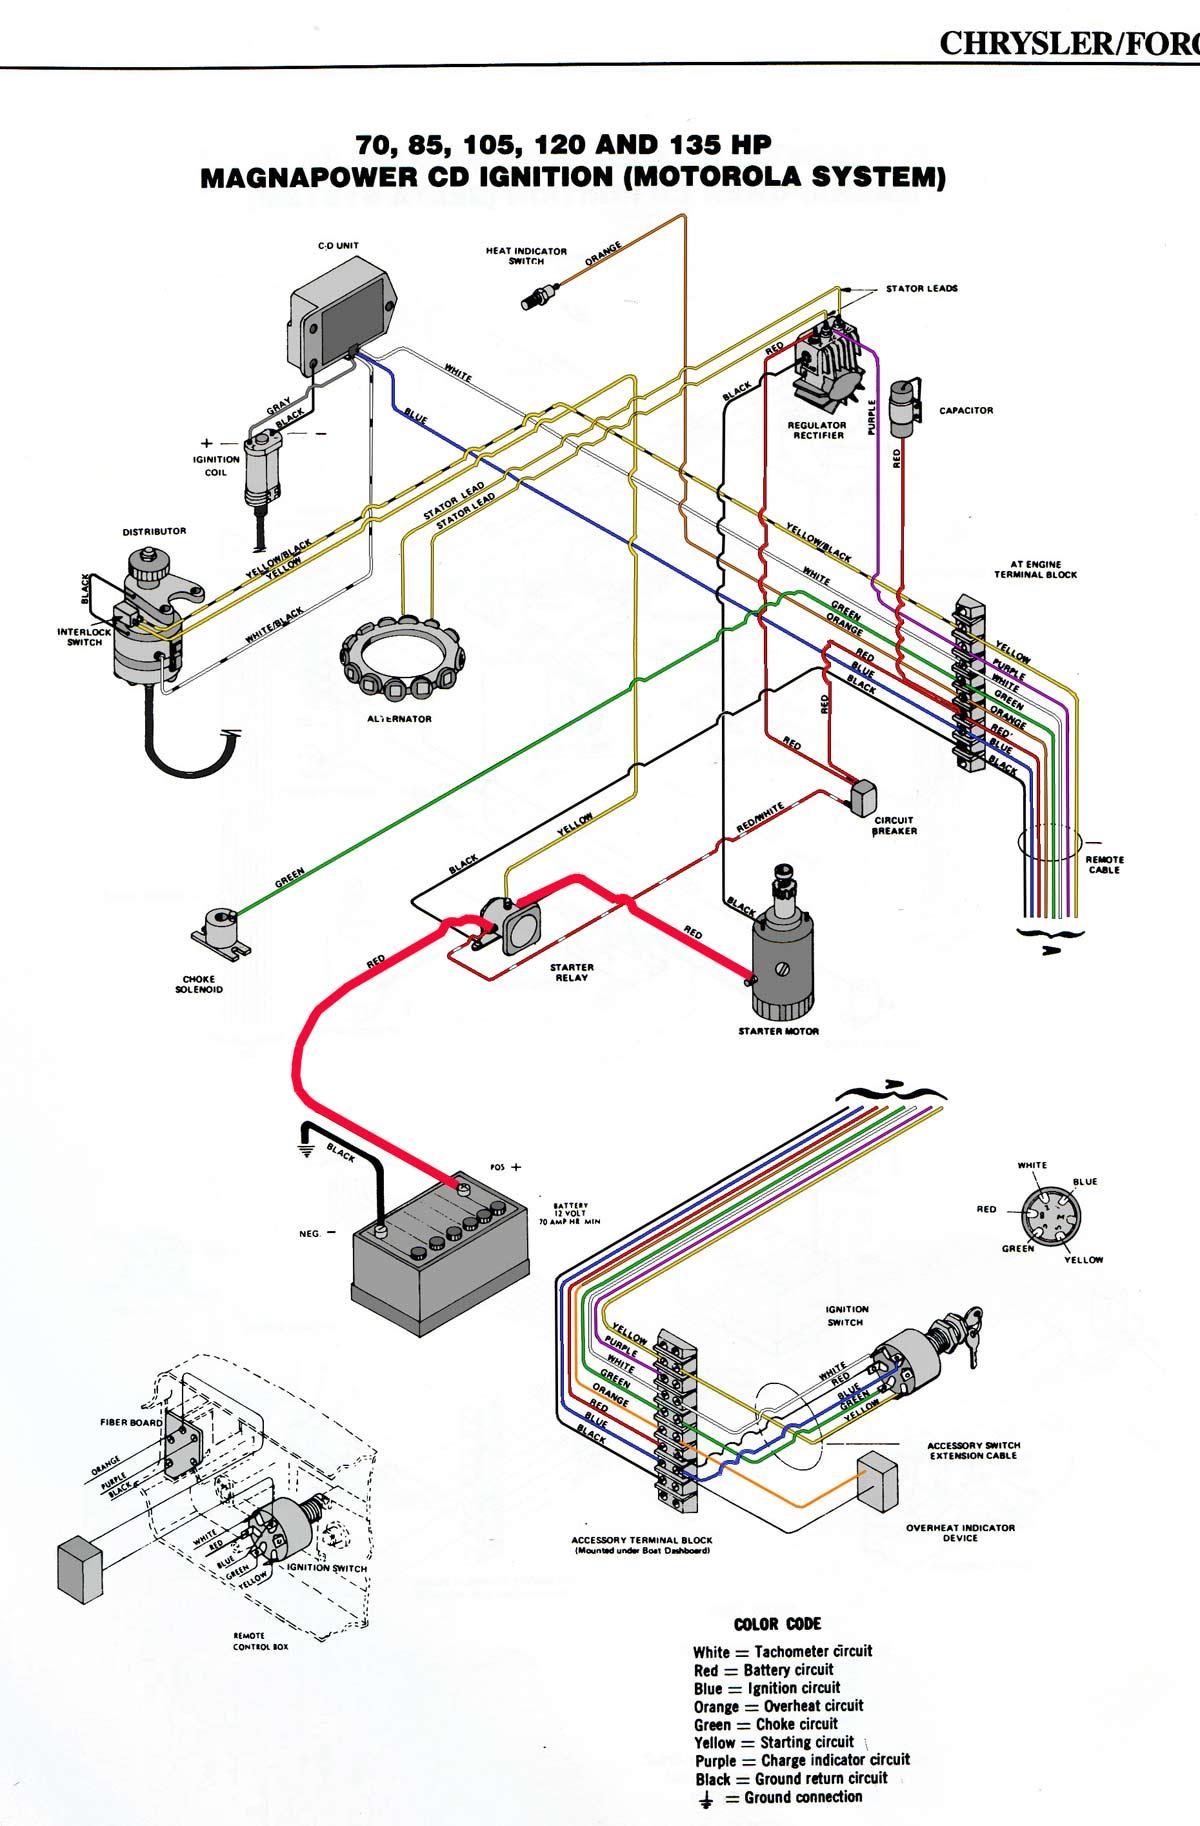 1977 evinrude wiring diagram 1977 evinrude brochure wiring diagram   odicis Evinrude Outboard Motor Wiring Diagram 35 HP Evinrude Wiring Diagram